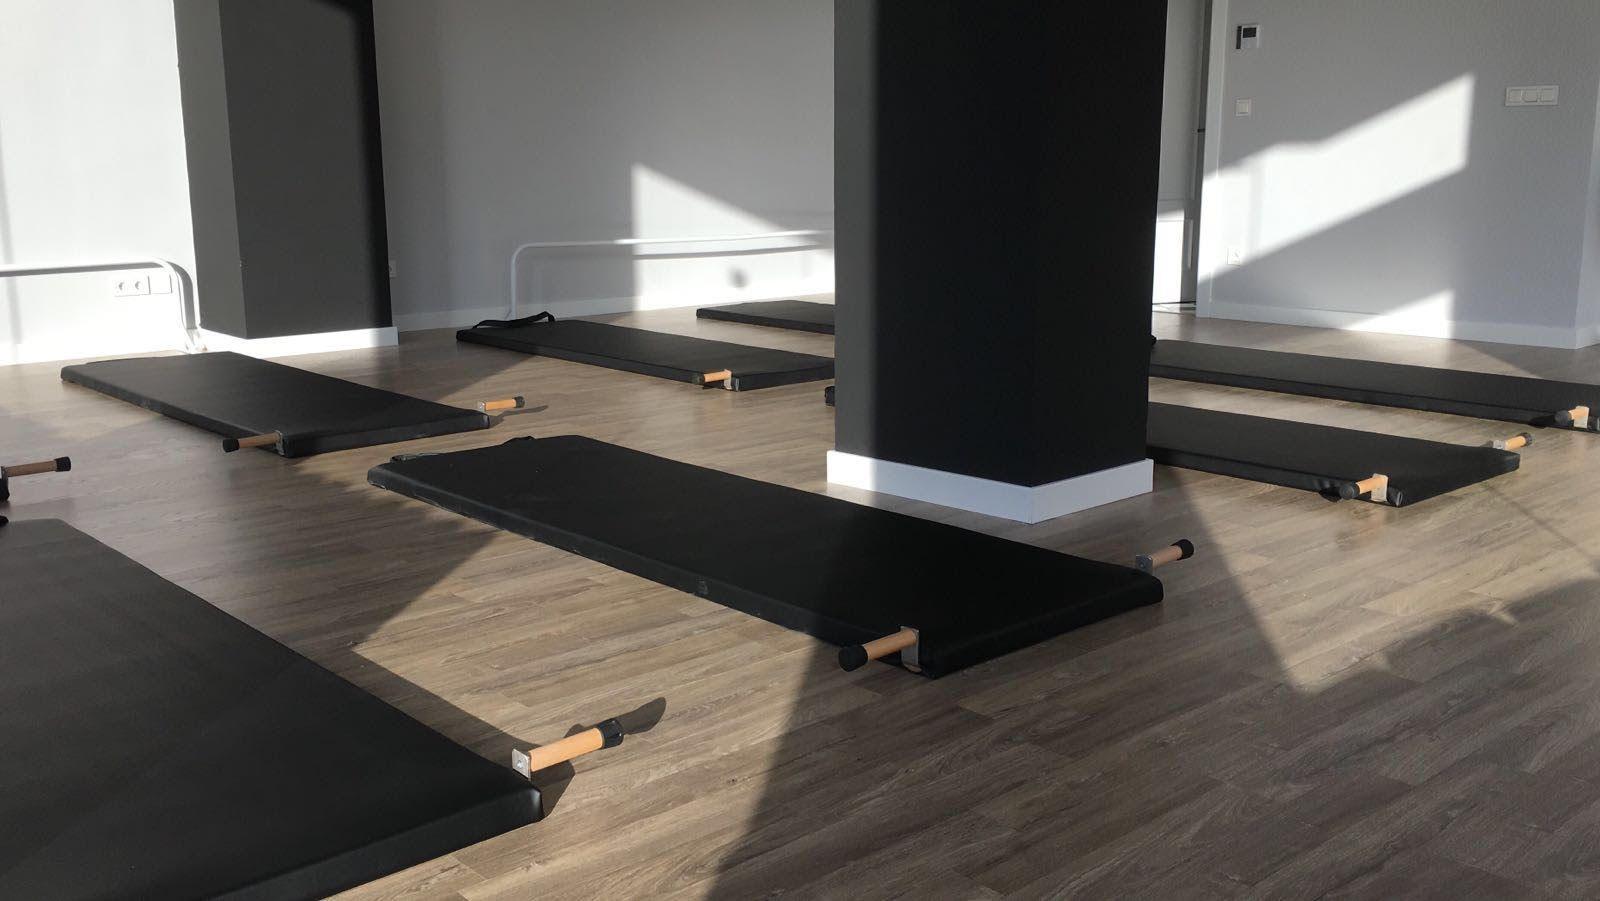 colchonetas para pilates, material-de-pilates-david-belio-3